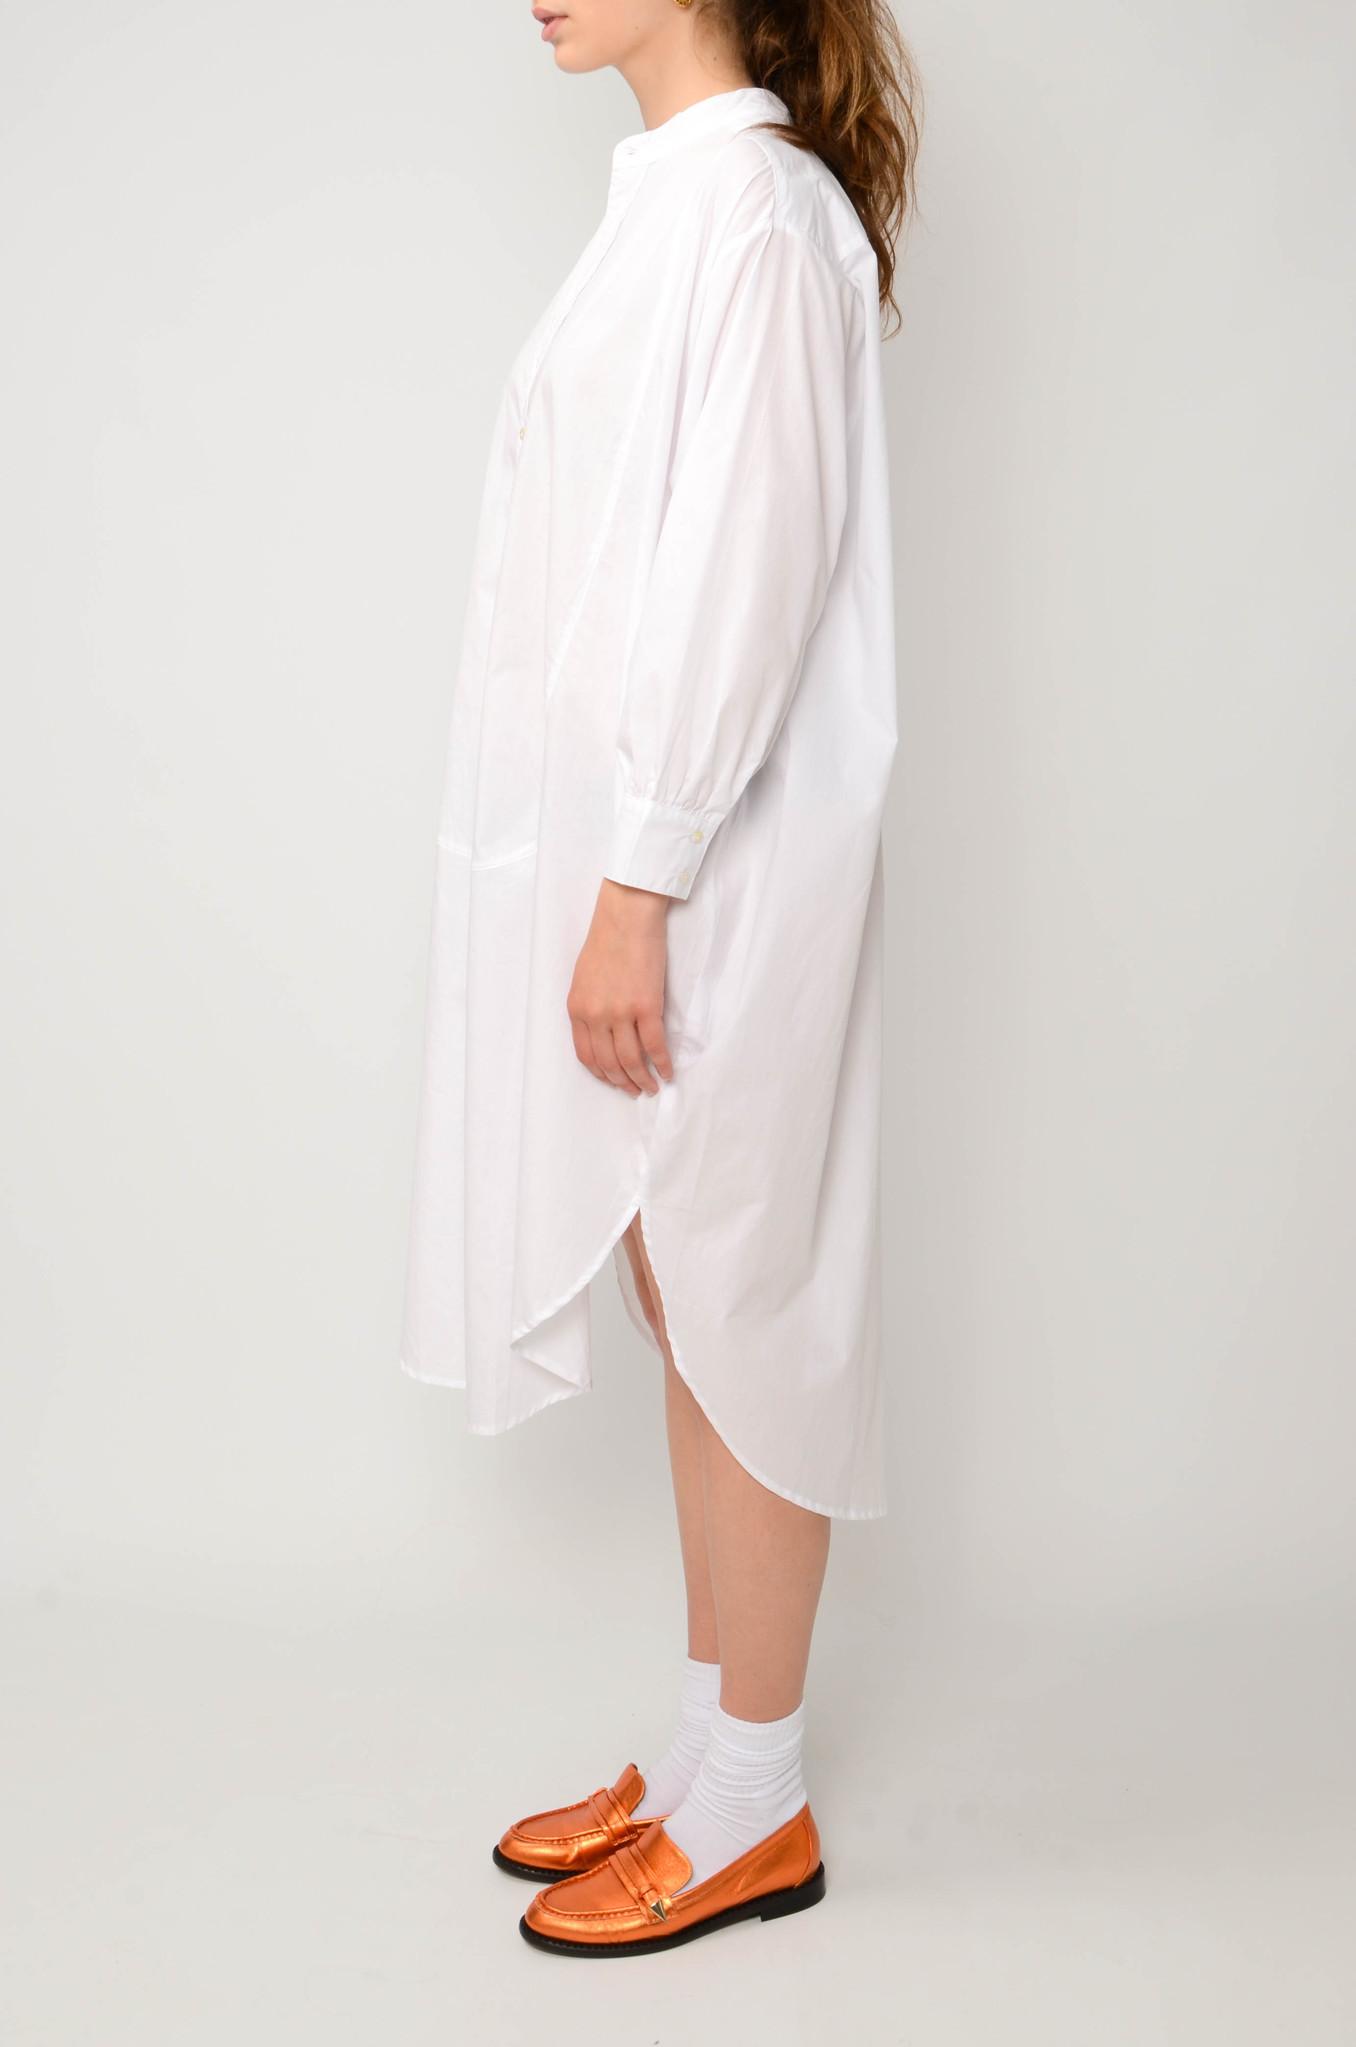 CAJSA SHIRT DRESS-3